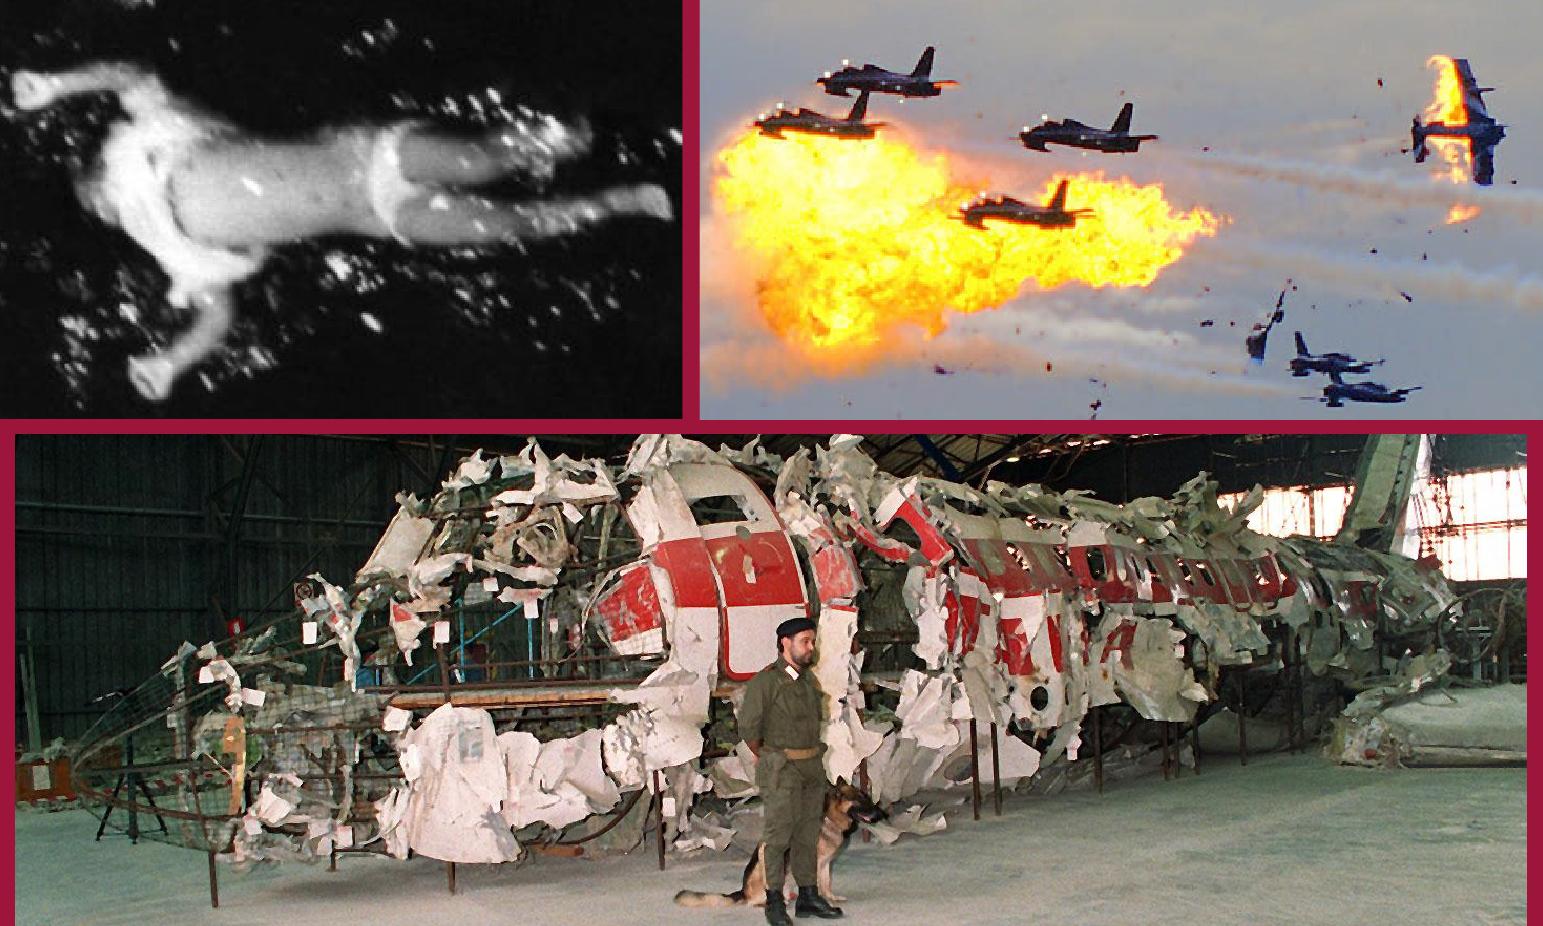 STRAGE DI USTICA: MENZOGNE DI STATO PER COPRIRE I CACCIA NATO